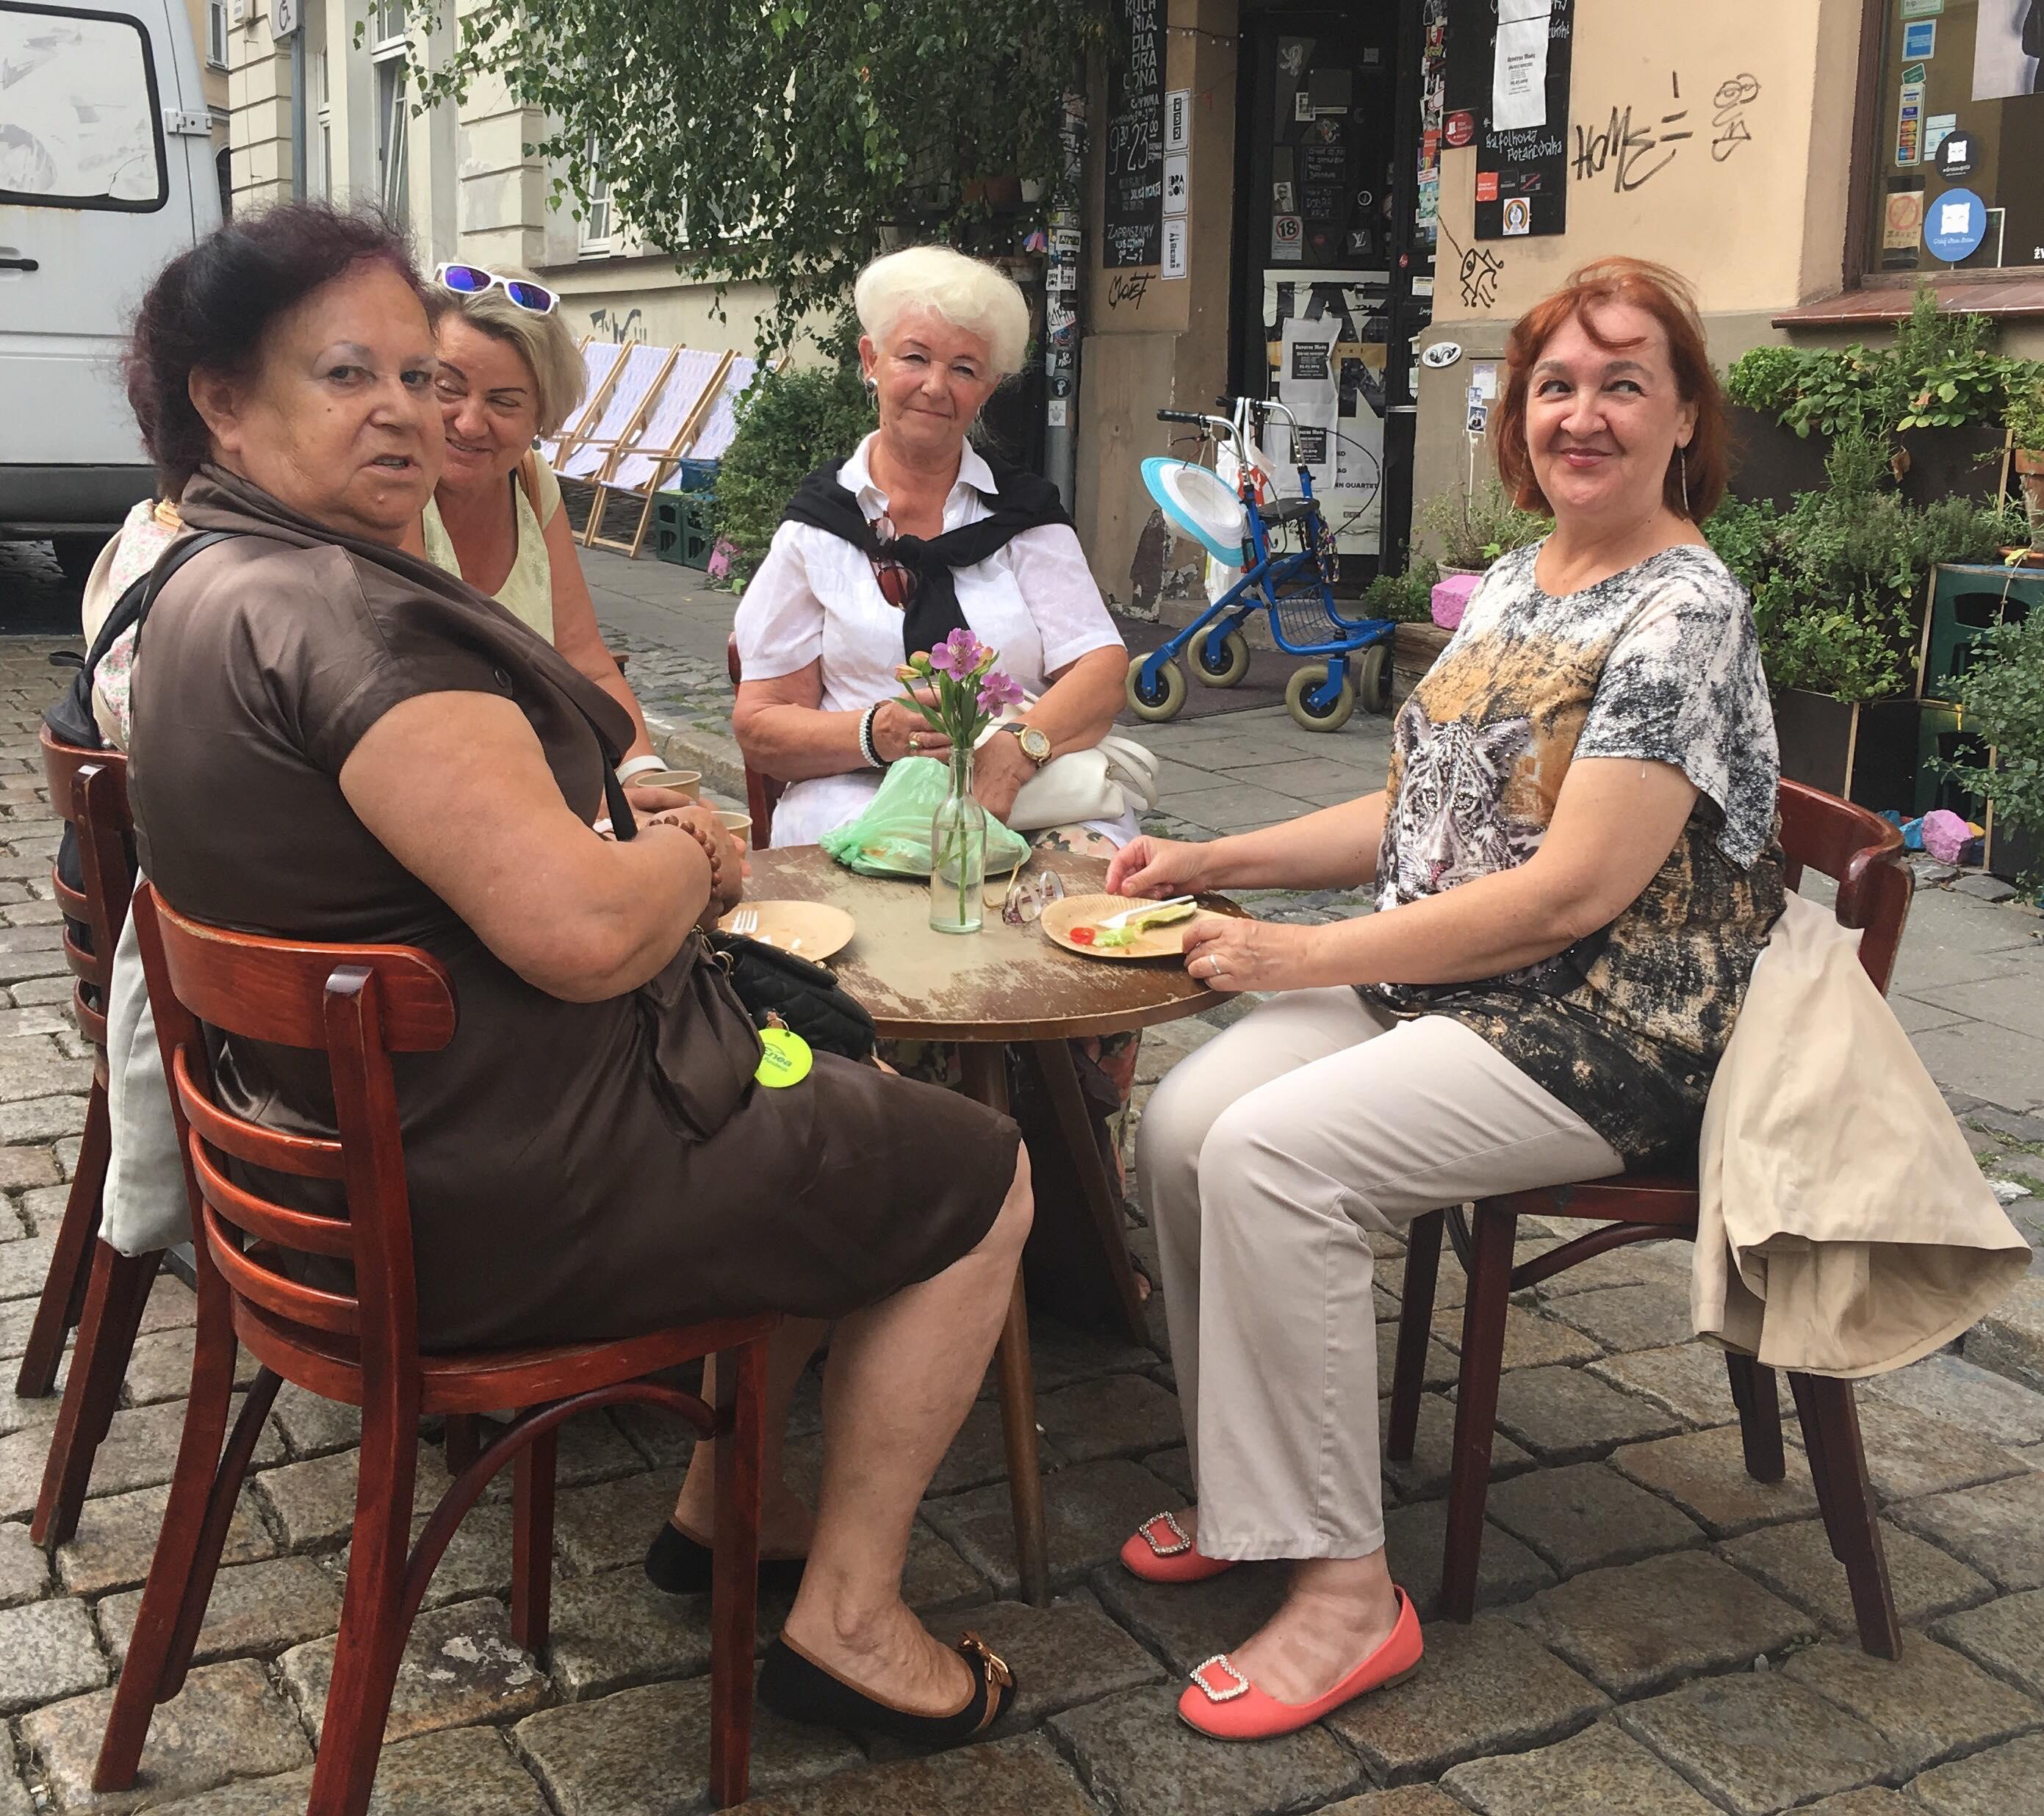 salon sąsiedzki wspólne śniadania  - Jacek Butlewski